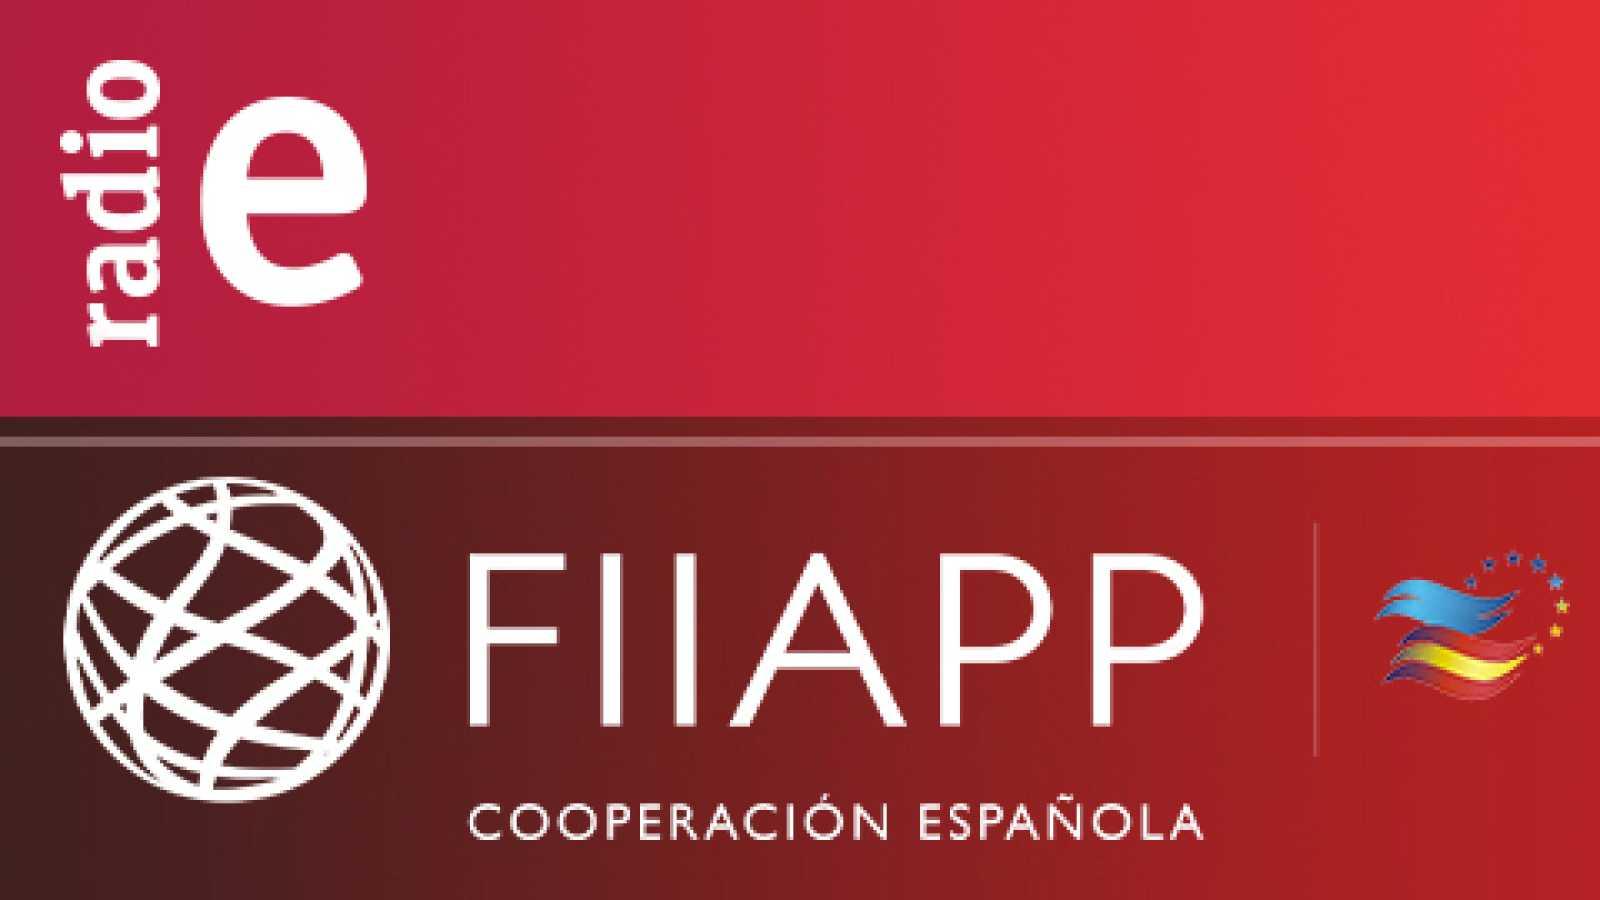 Cooperación pública en el mundo (FIIAPP) - Acceso gratuito a la justicia en Turquía - 07/11/16 - Escuchar ahora